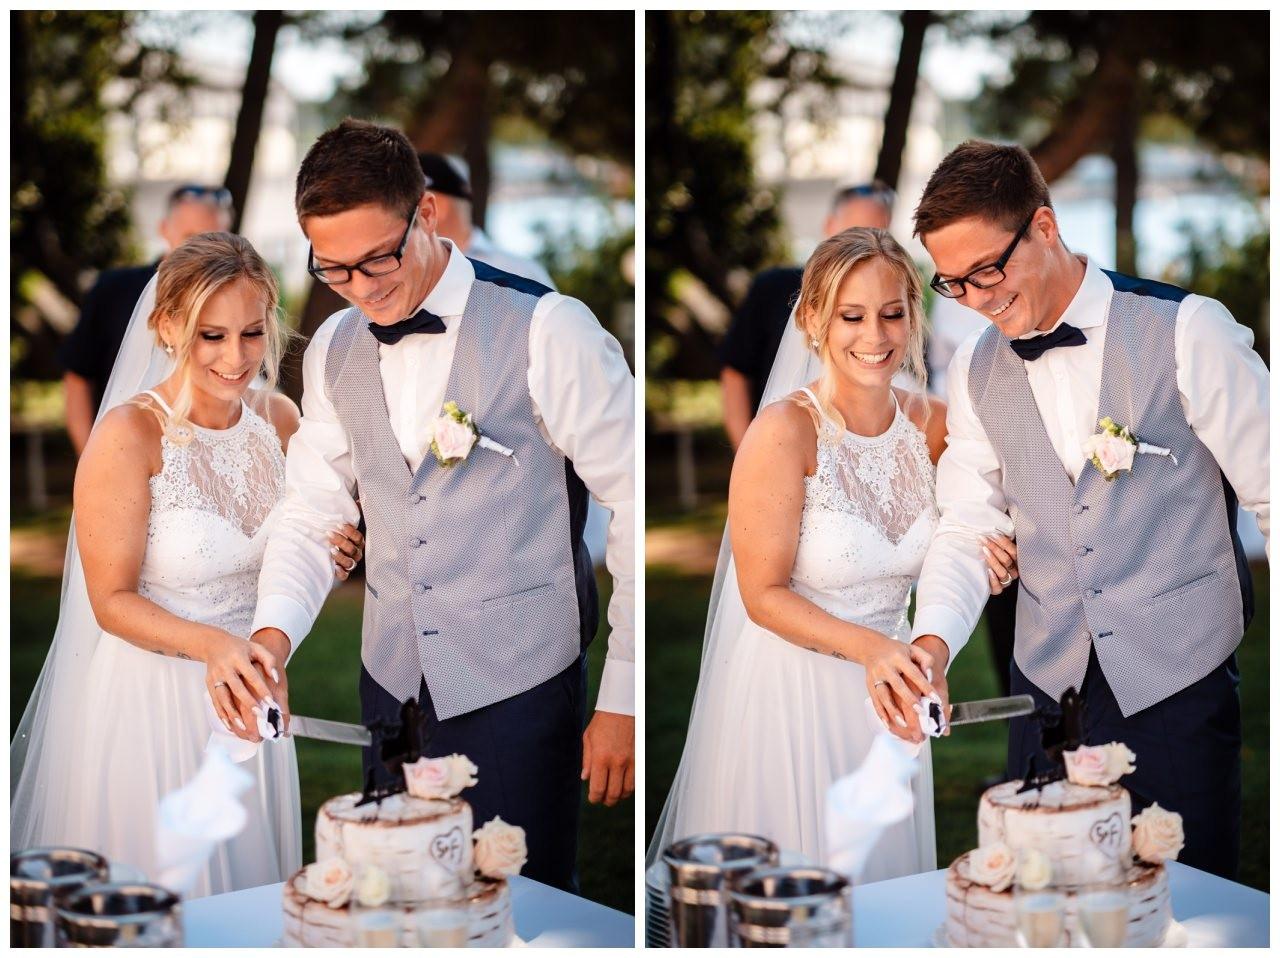 Hochzeit kroatien hochzeitsfotograf hochzeitsfotos 56 - Hochzeit in Kroatien